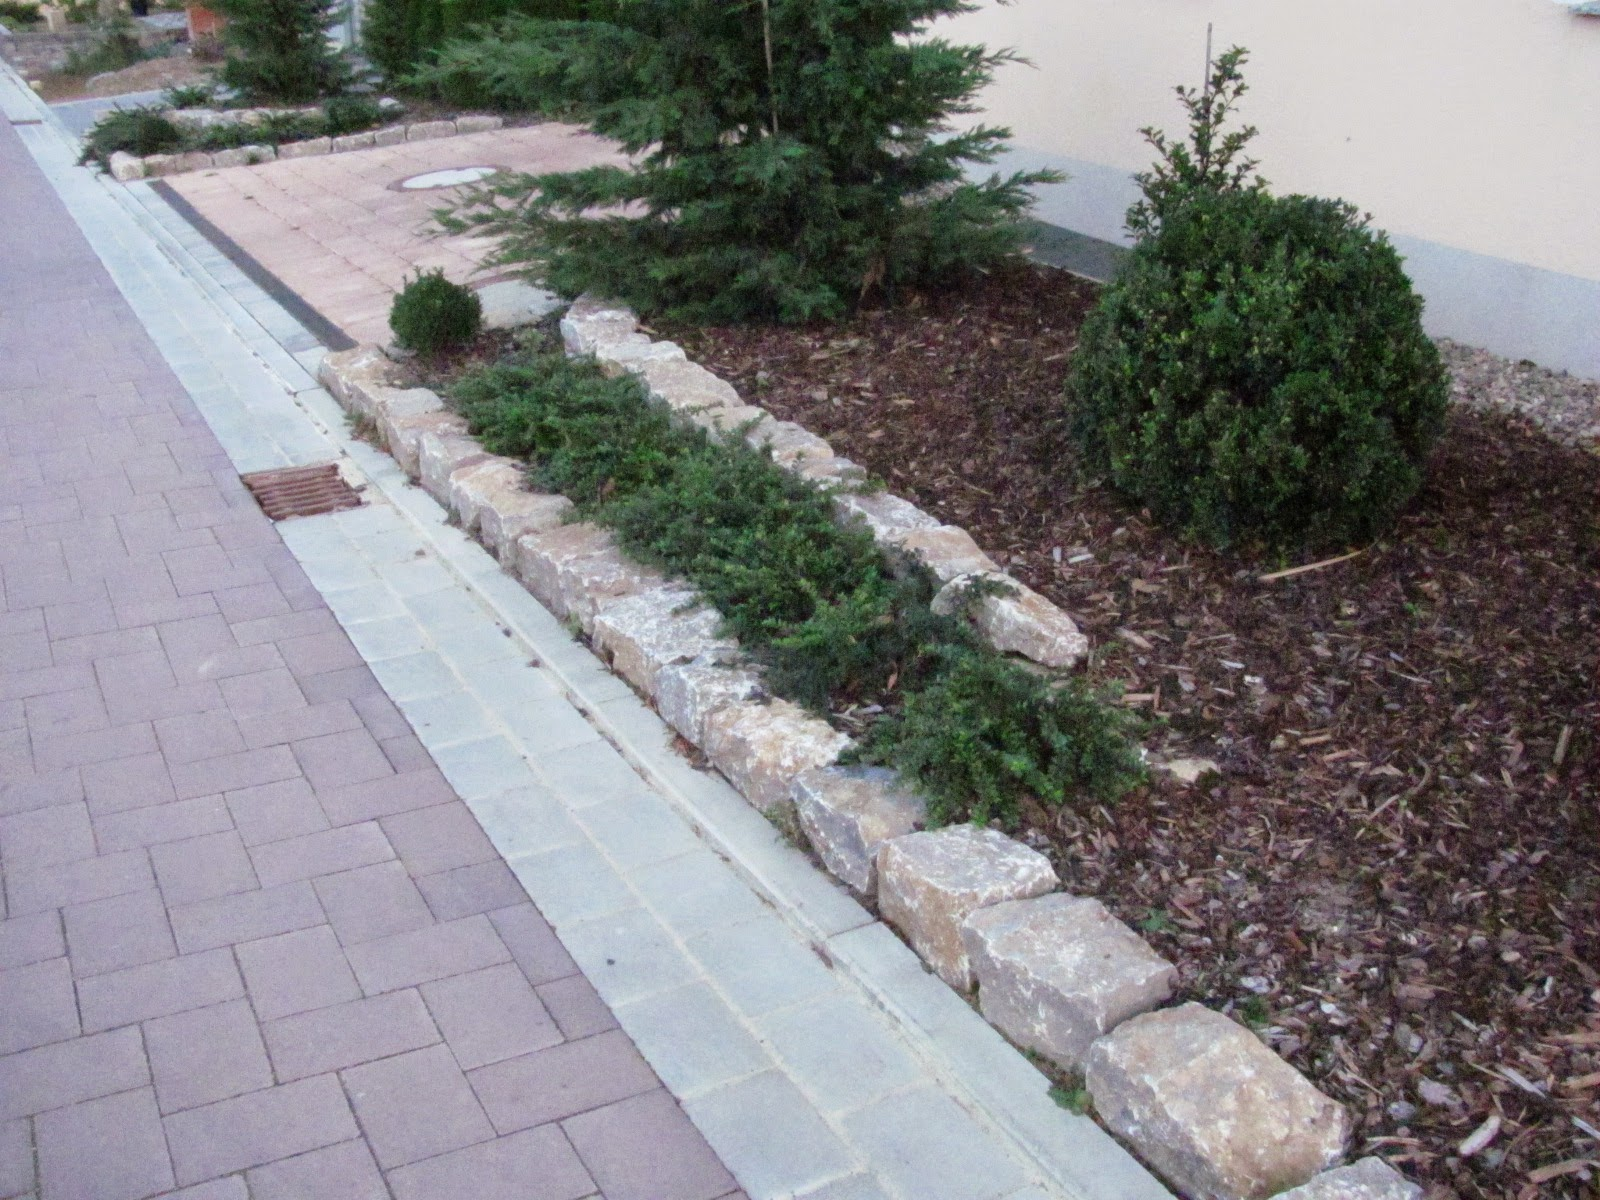 Mauern dienen als Abgrenzung zum Nachbarn fr Beete oder